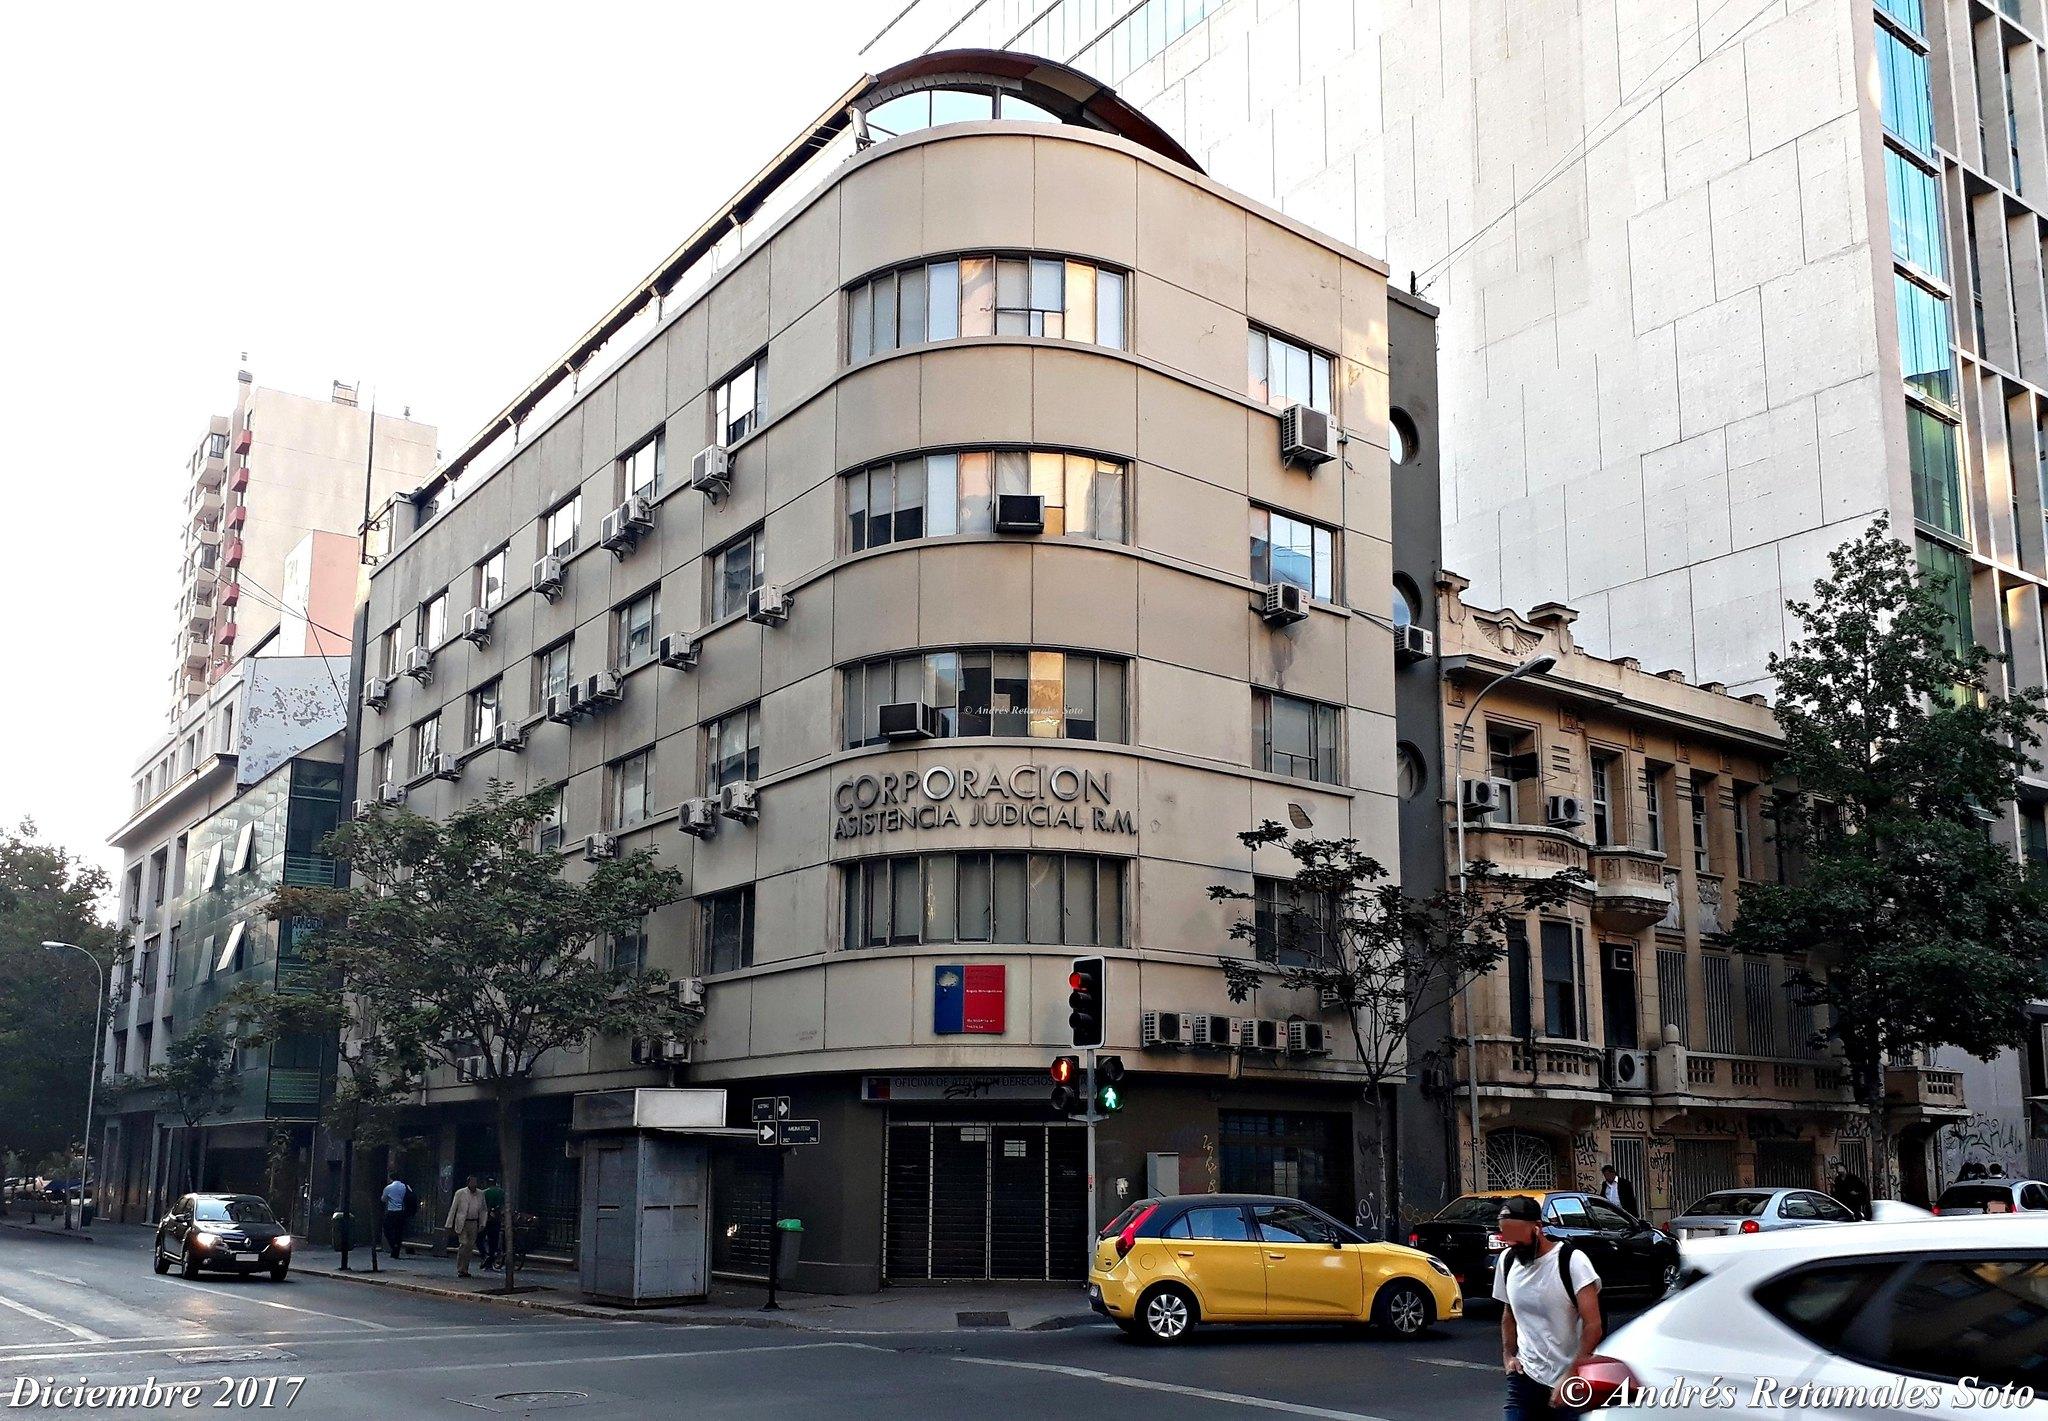 Corporación de Asistencia Judicial R.M., Santiago de Chile, diciembre 2017